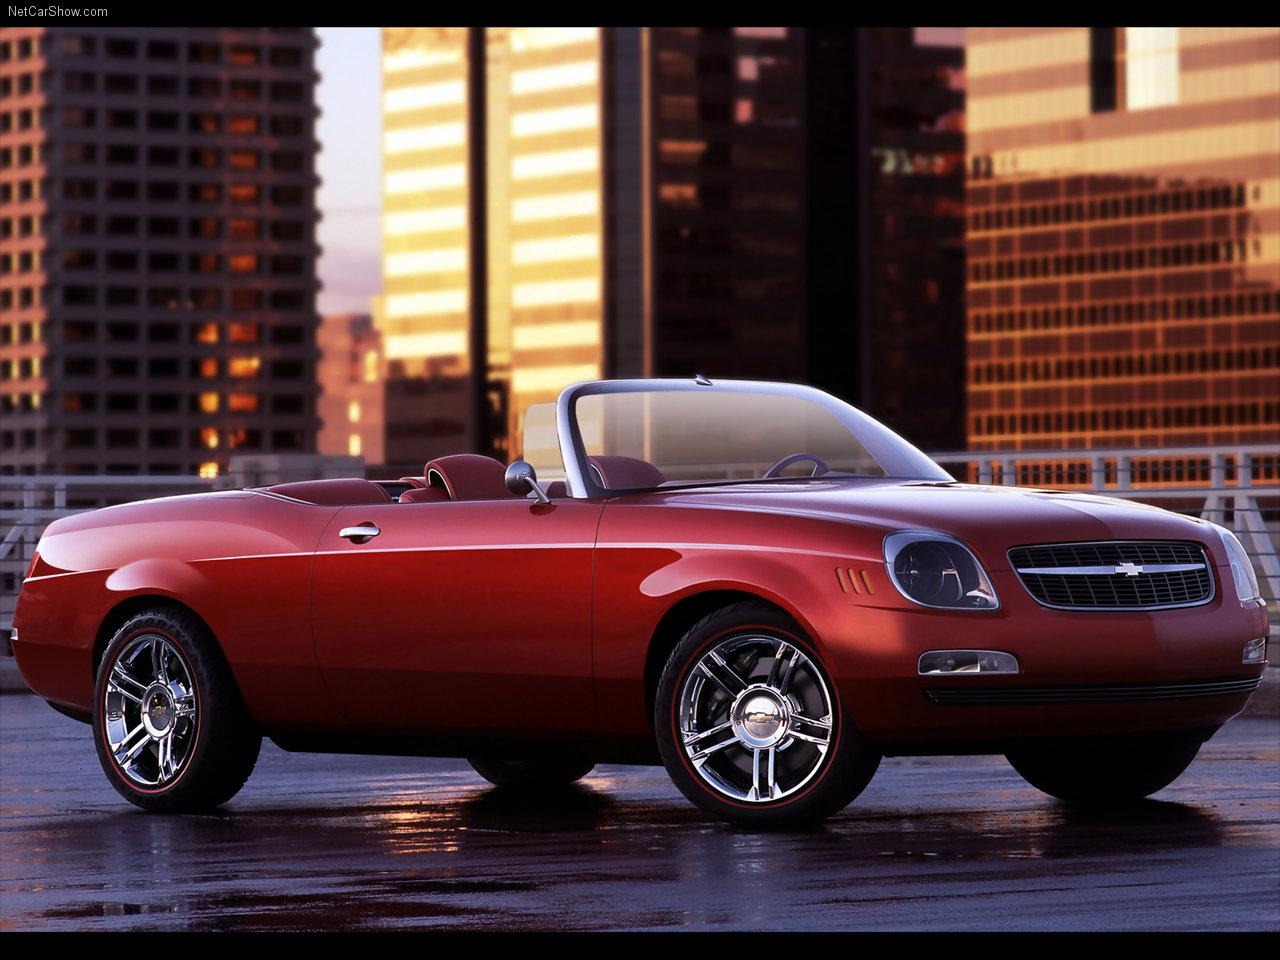 Chevrolet Bel Air Concept X Wallpaper